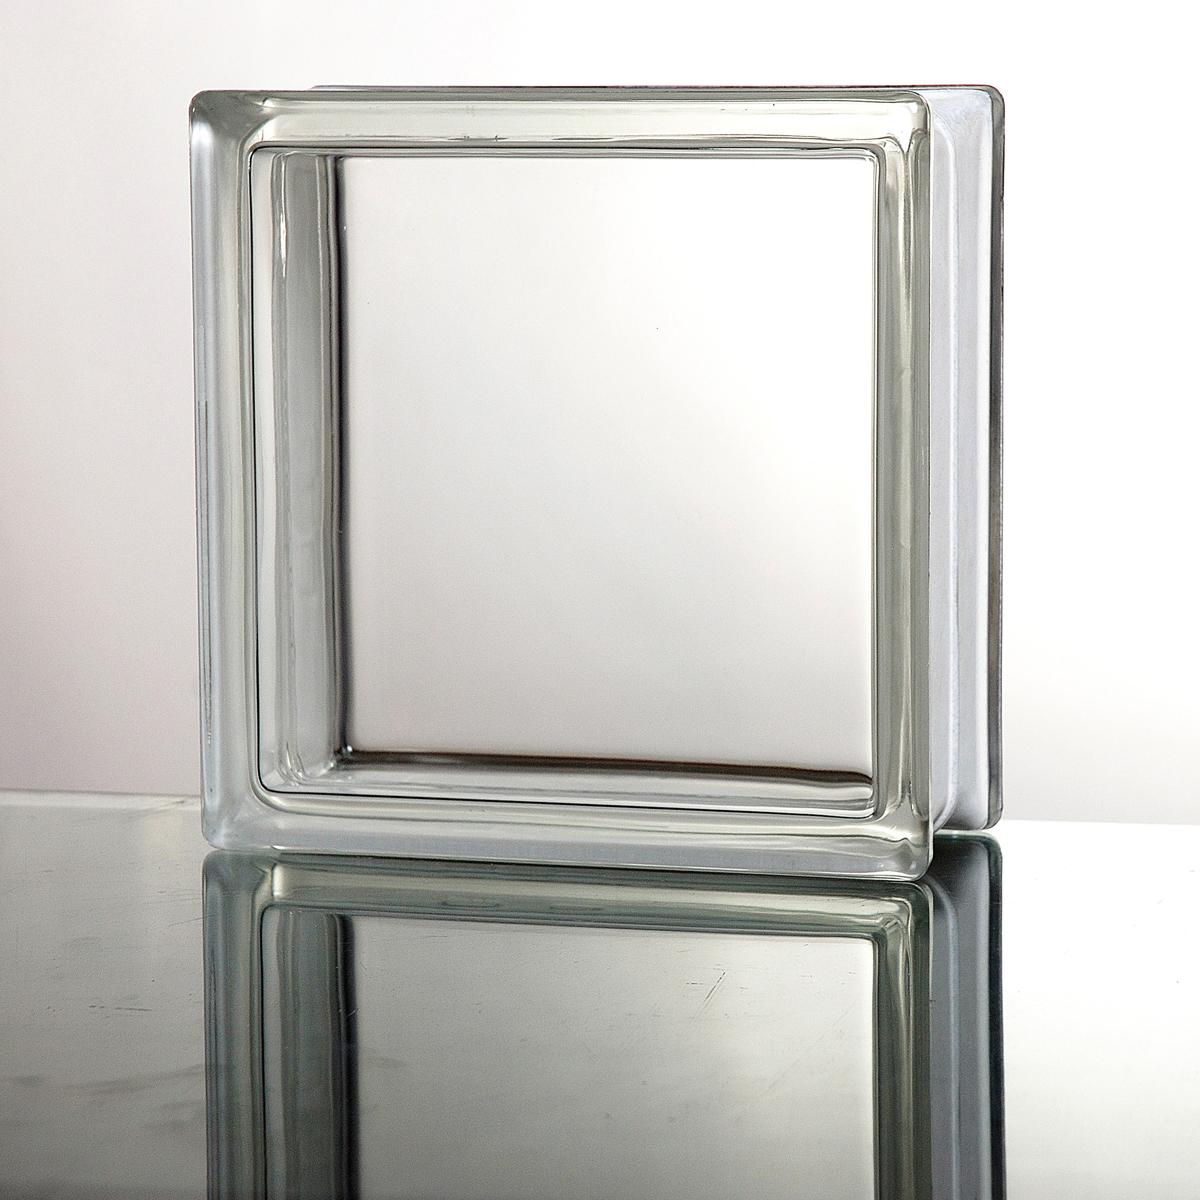 ガラスブロック 送料無料 6個セット 高品質 80mm厚 クリア色ダイレクト